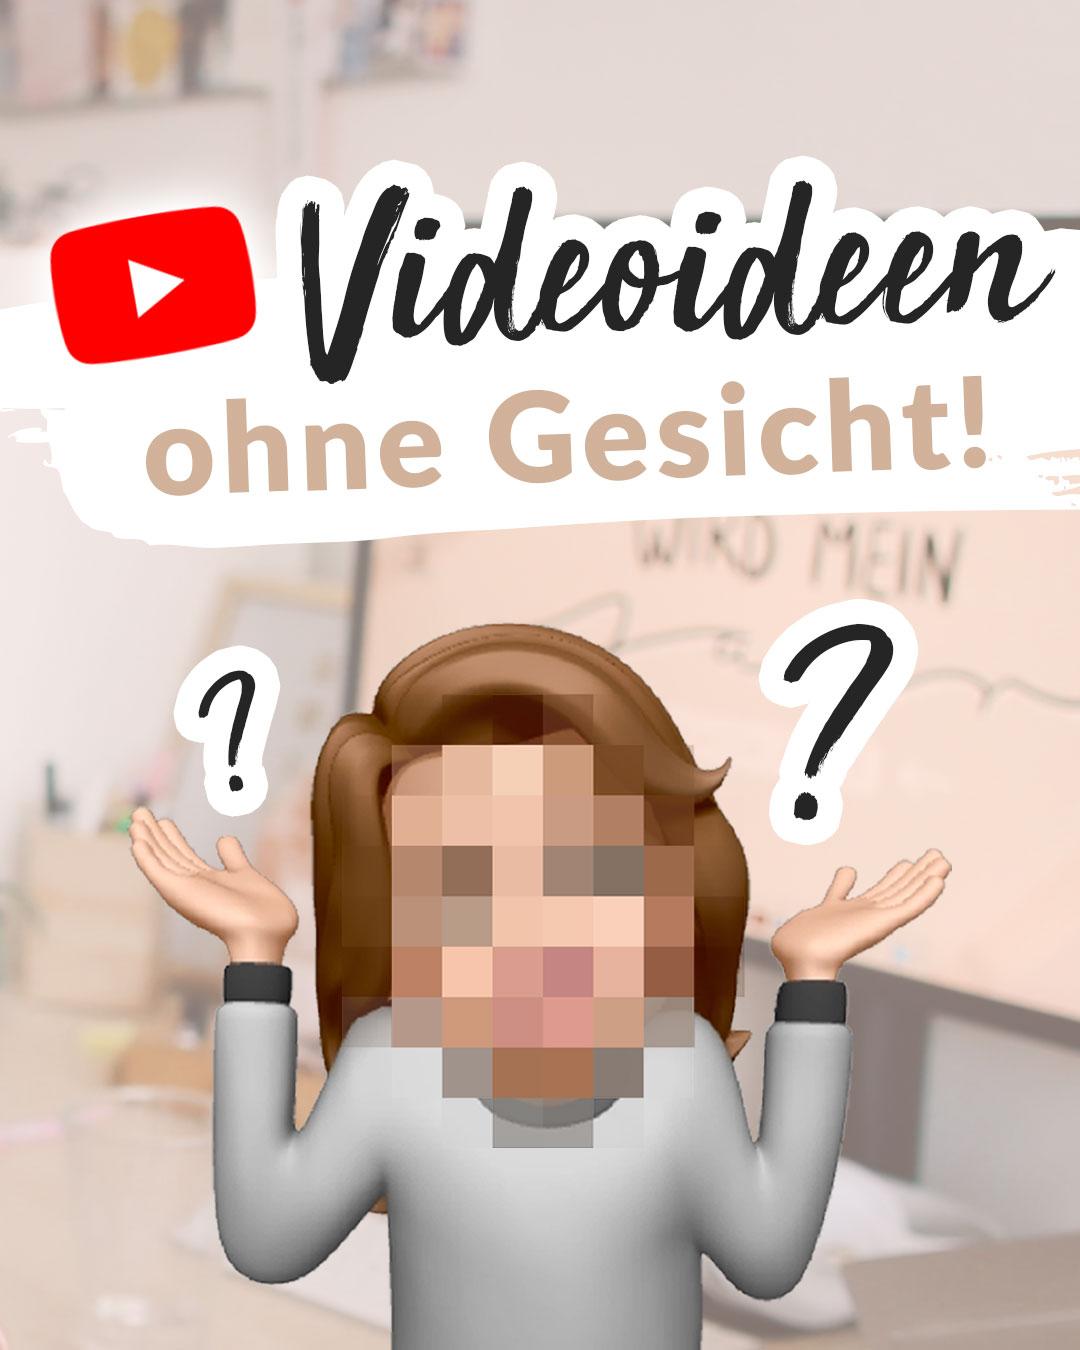 youtube ohne gesicht zeigen